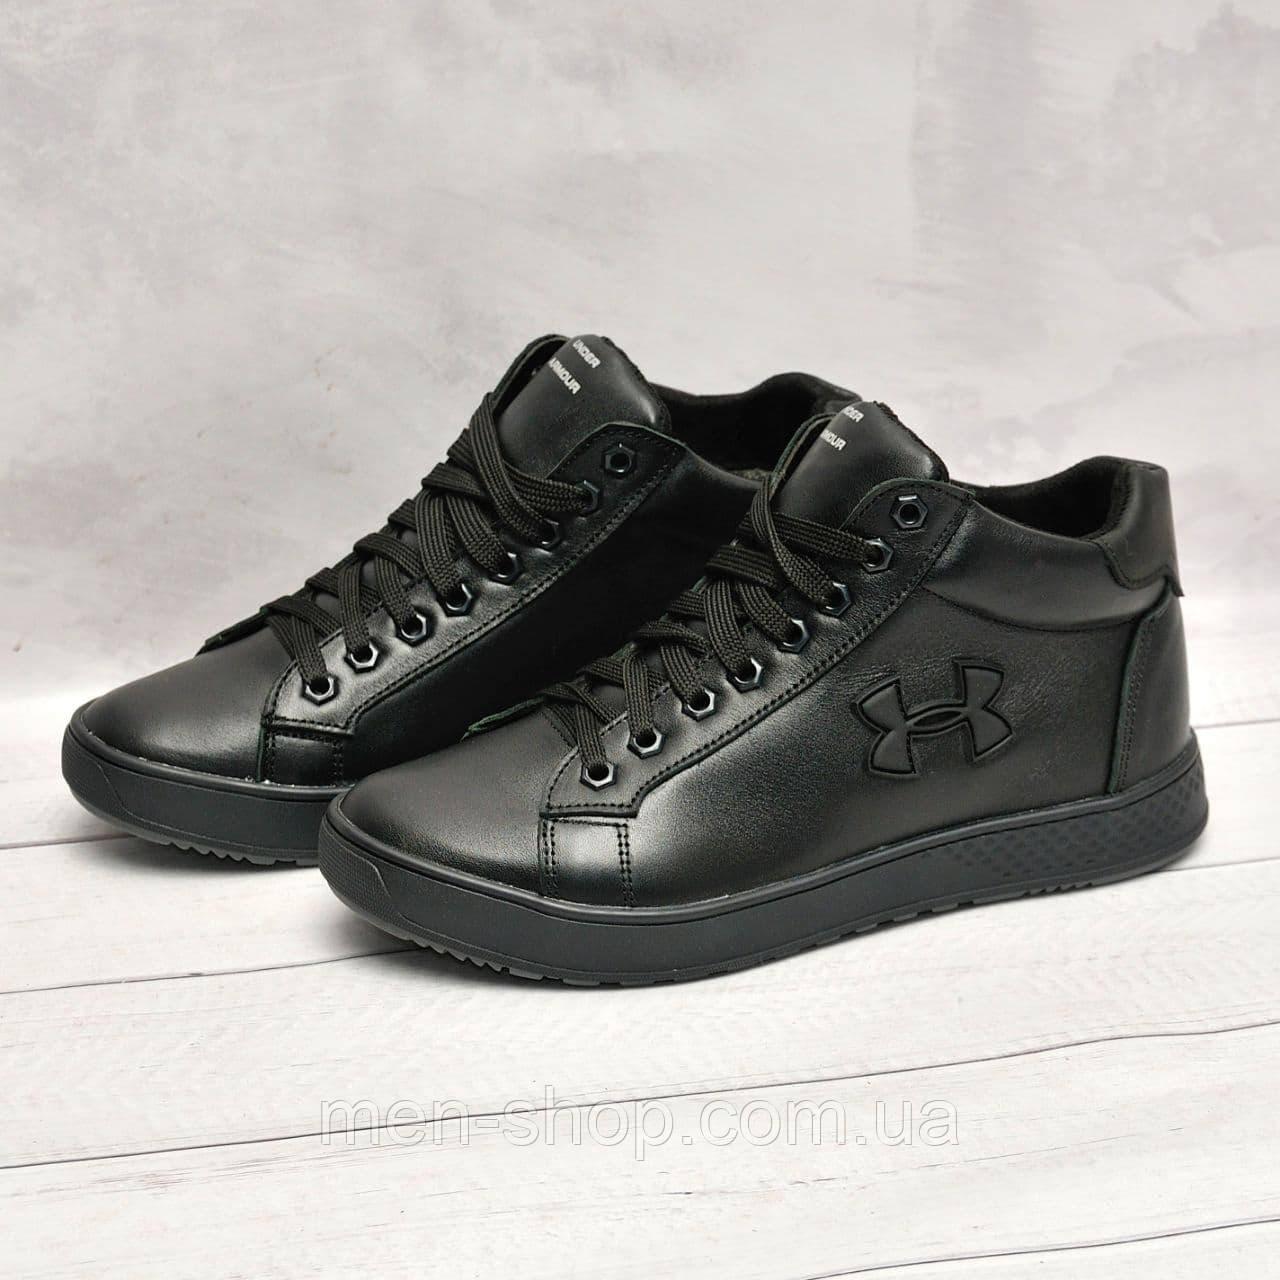 Мужские ботинки с мехом в стиле Under Armour